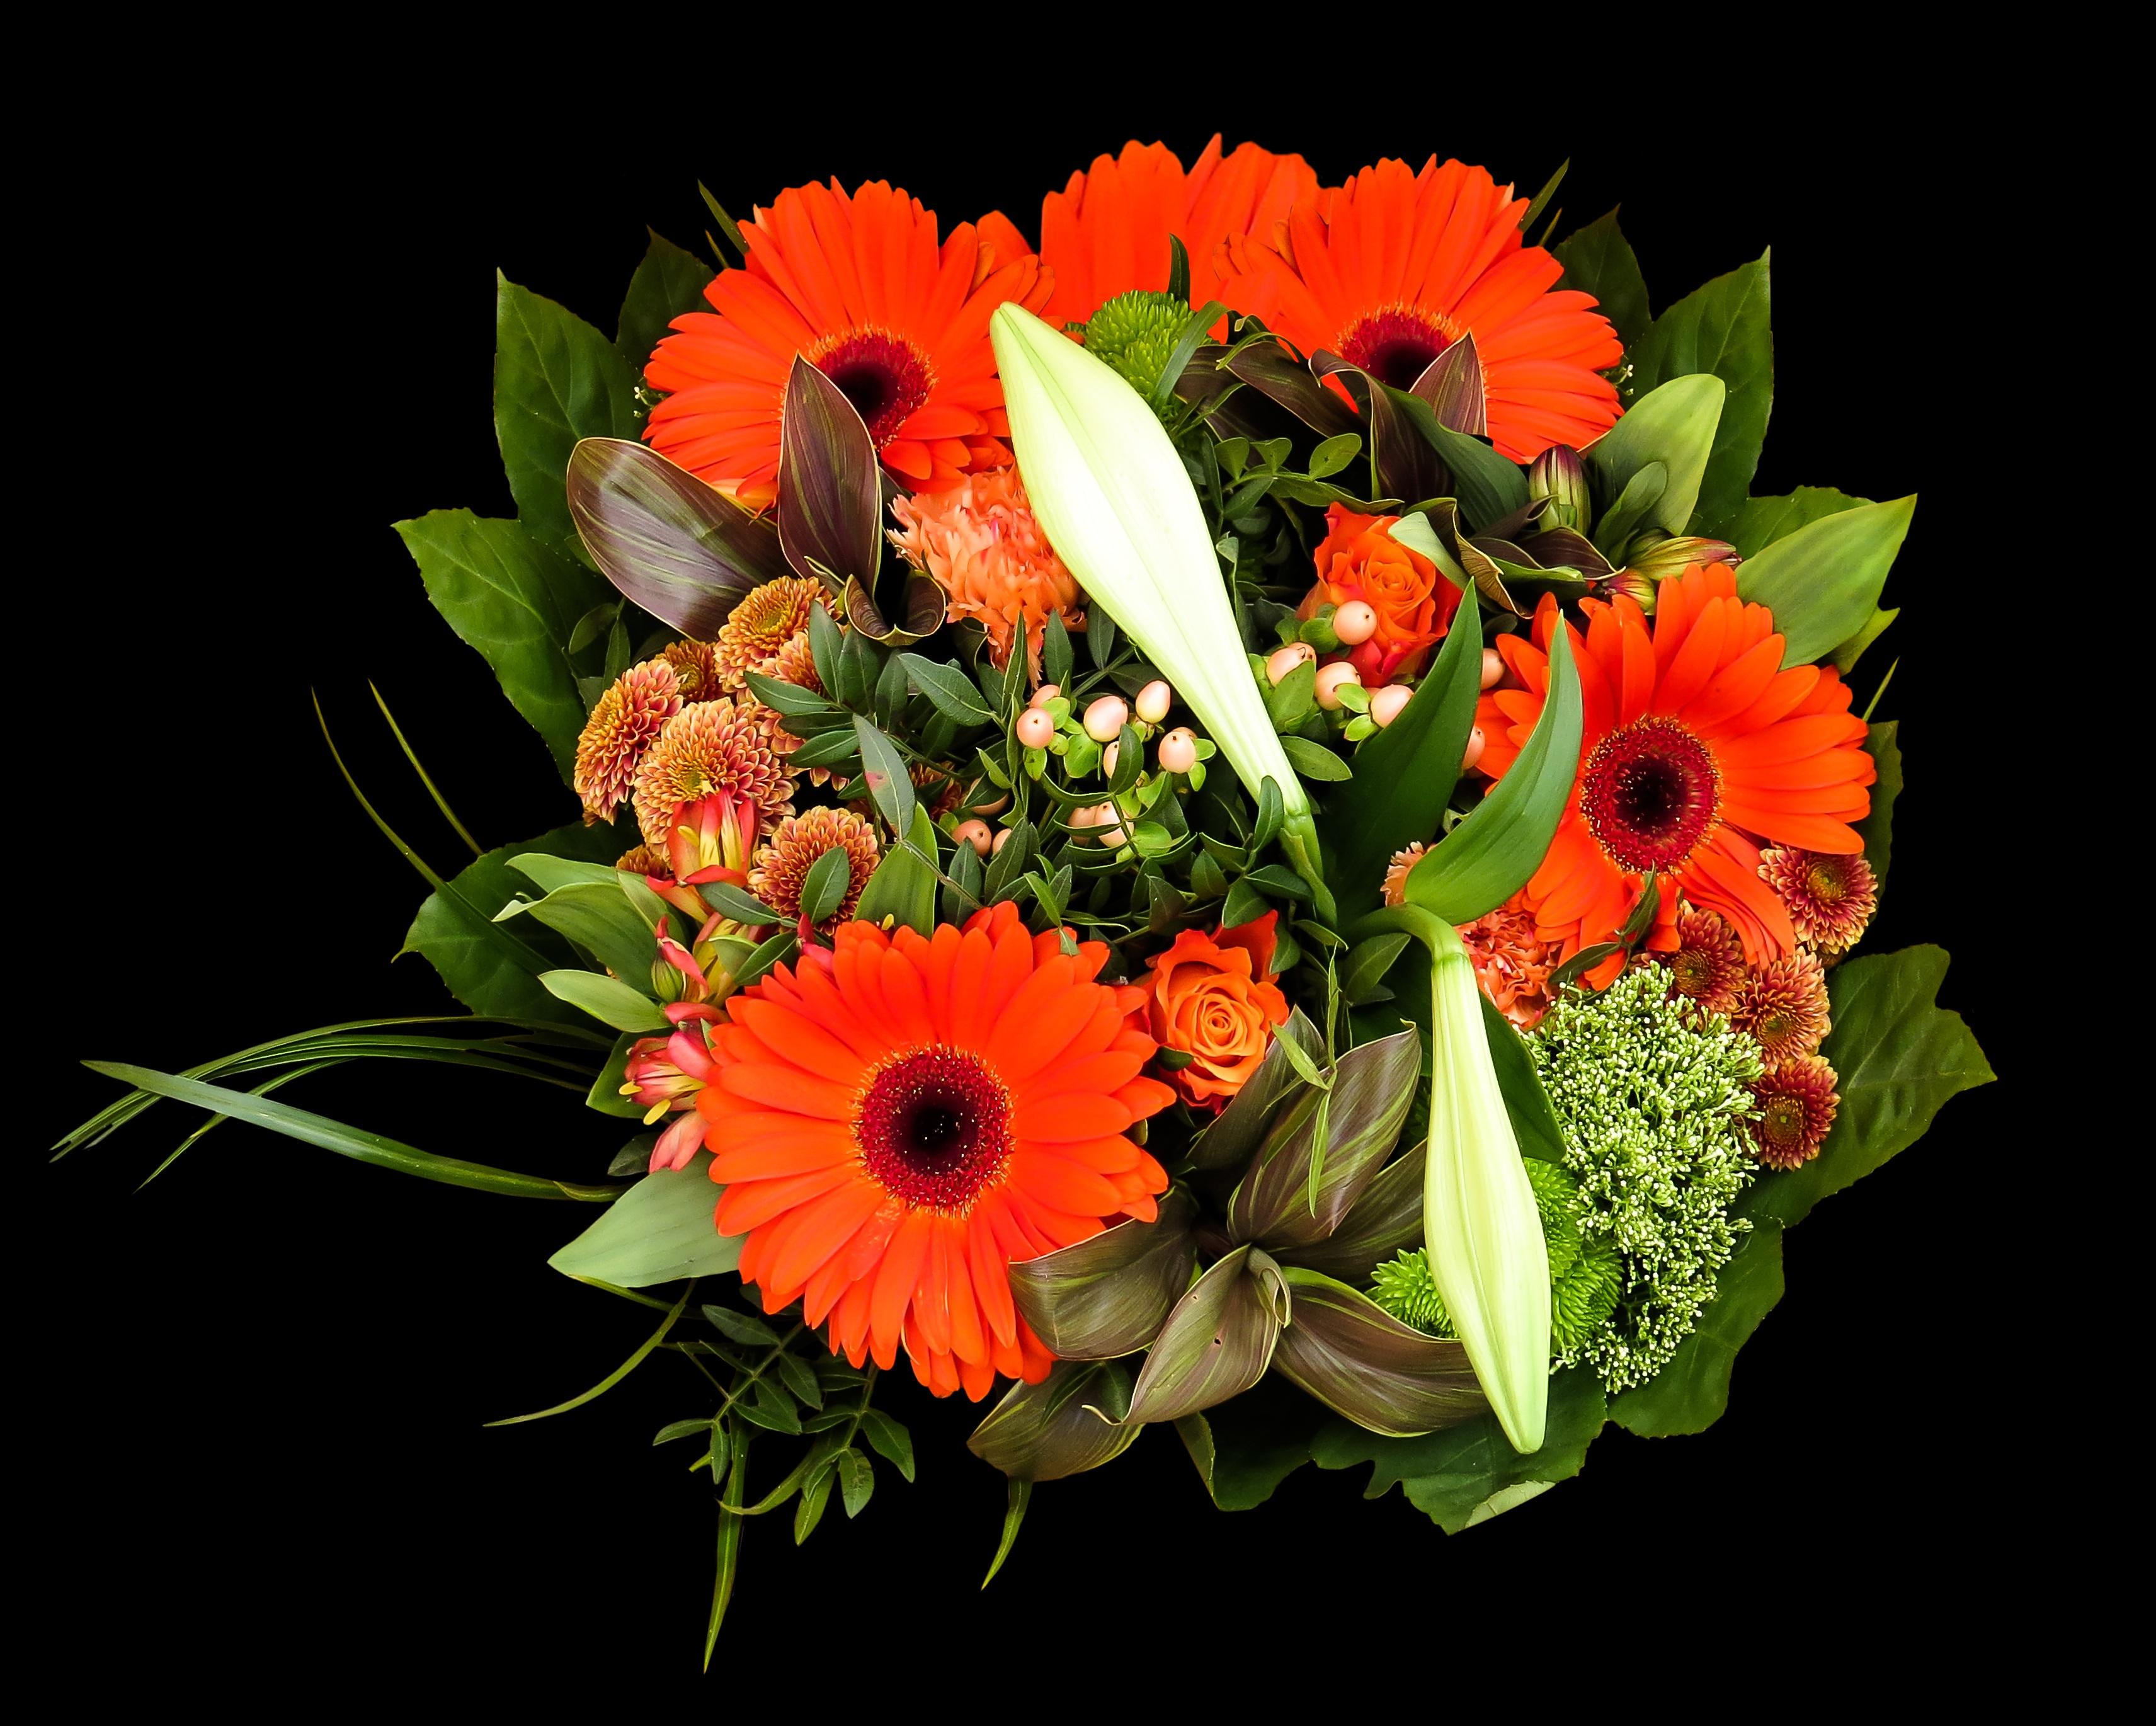 images gratuites fleur p tale flore gerbera lis anniversaire salutation bouquets. Black Bedroom Furniture Sets. Home Design Ideas